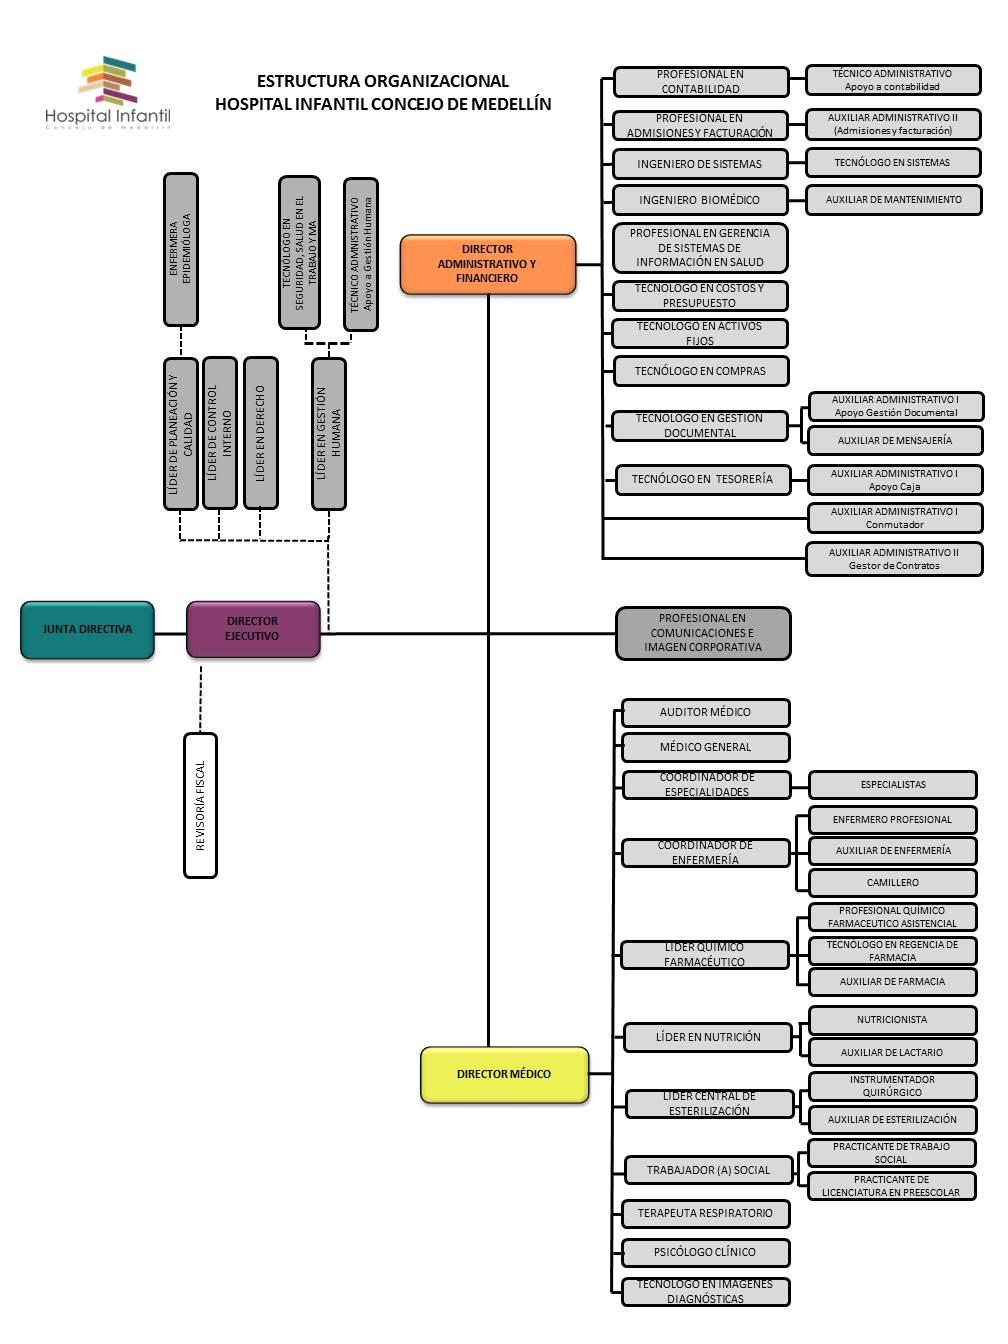 ESTRUCTURA ORGANIZACIONAL HICM - copiaversión web